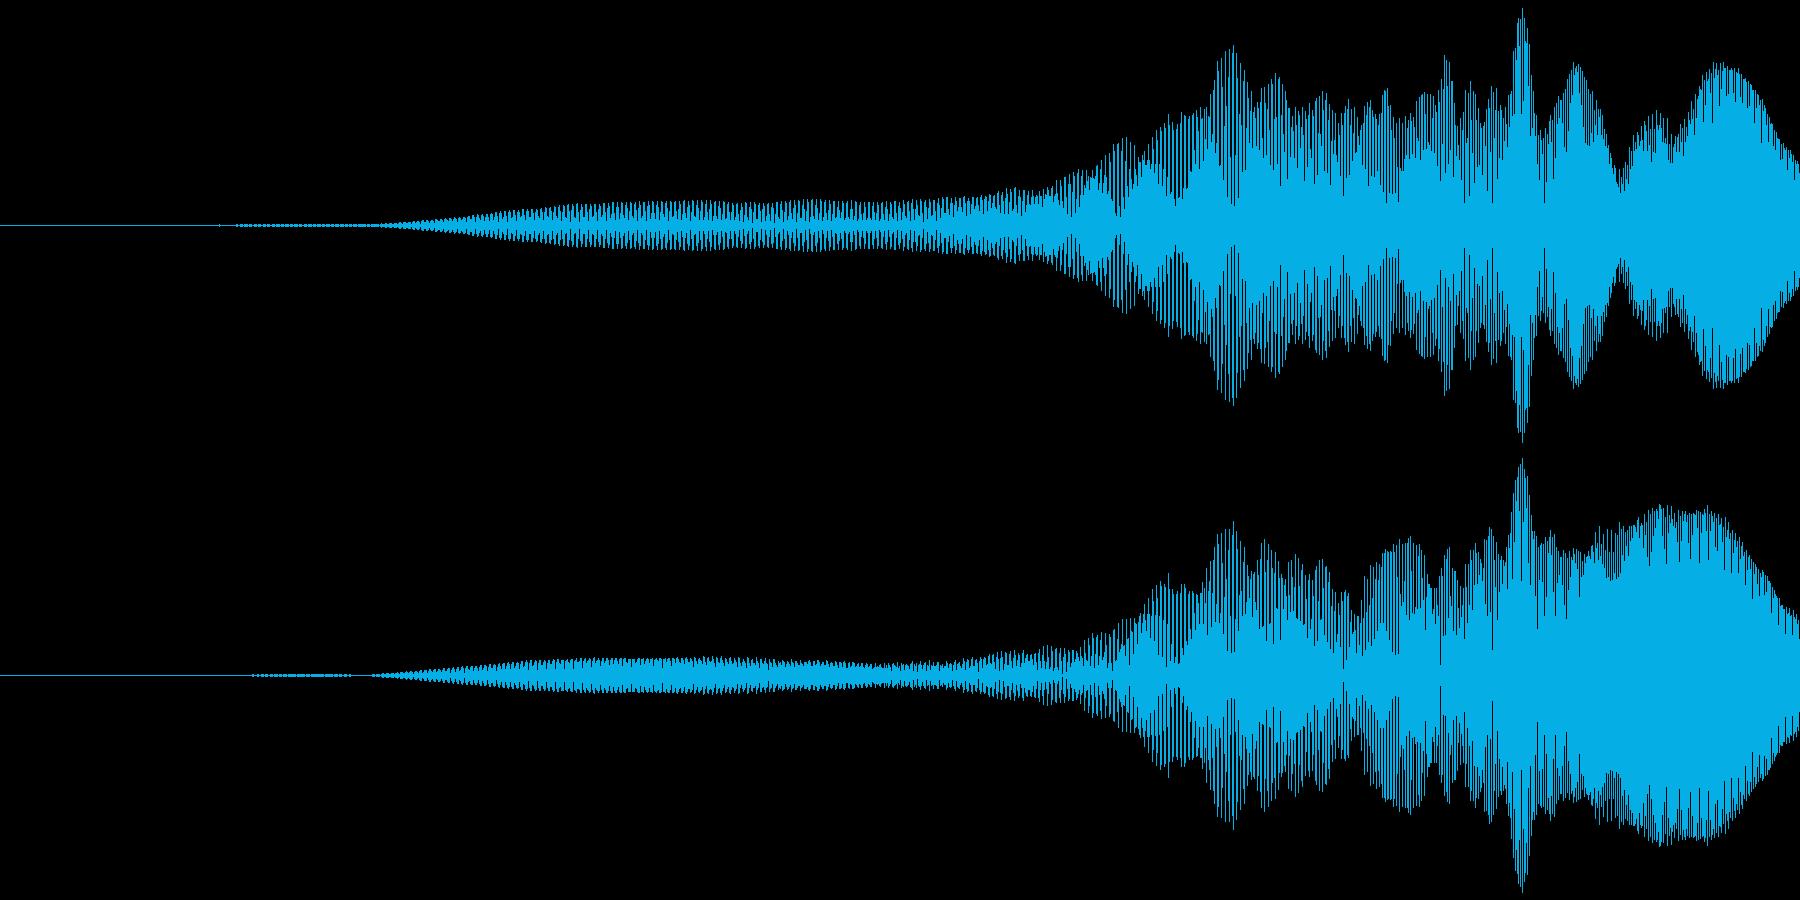 取る風 オノマトペ(上昇)ヒョッの再生済みの波形